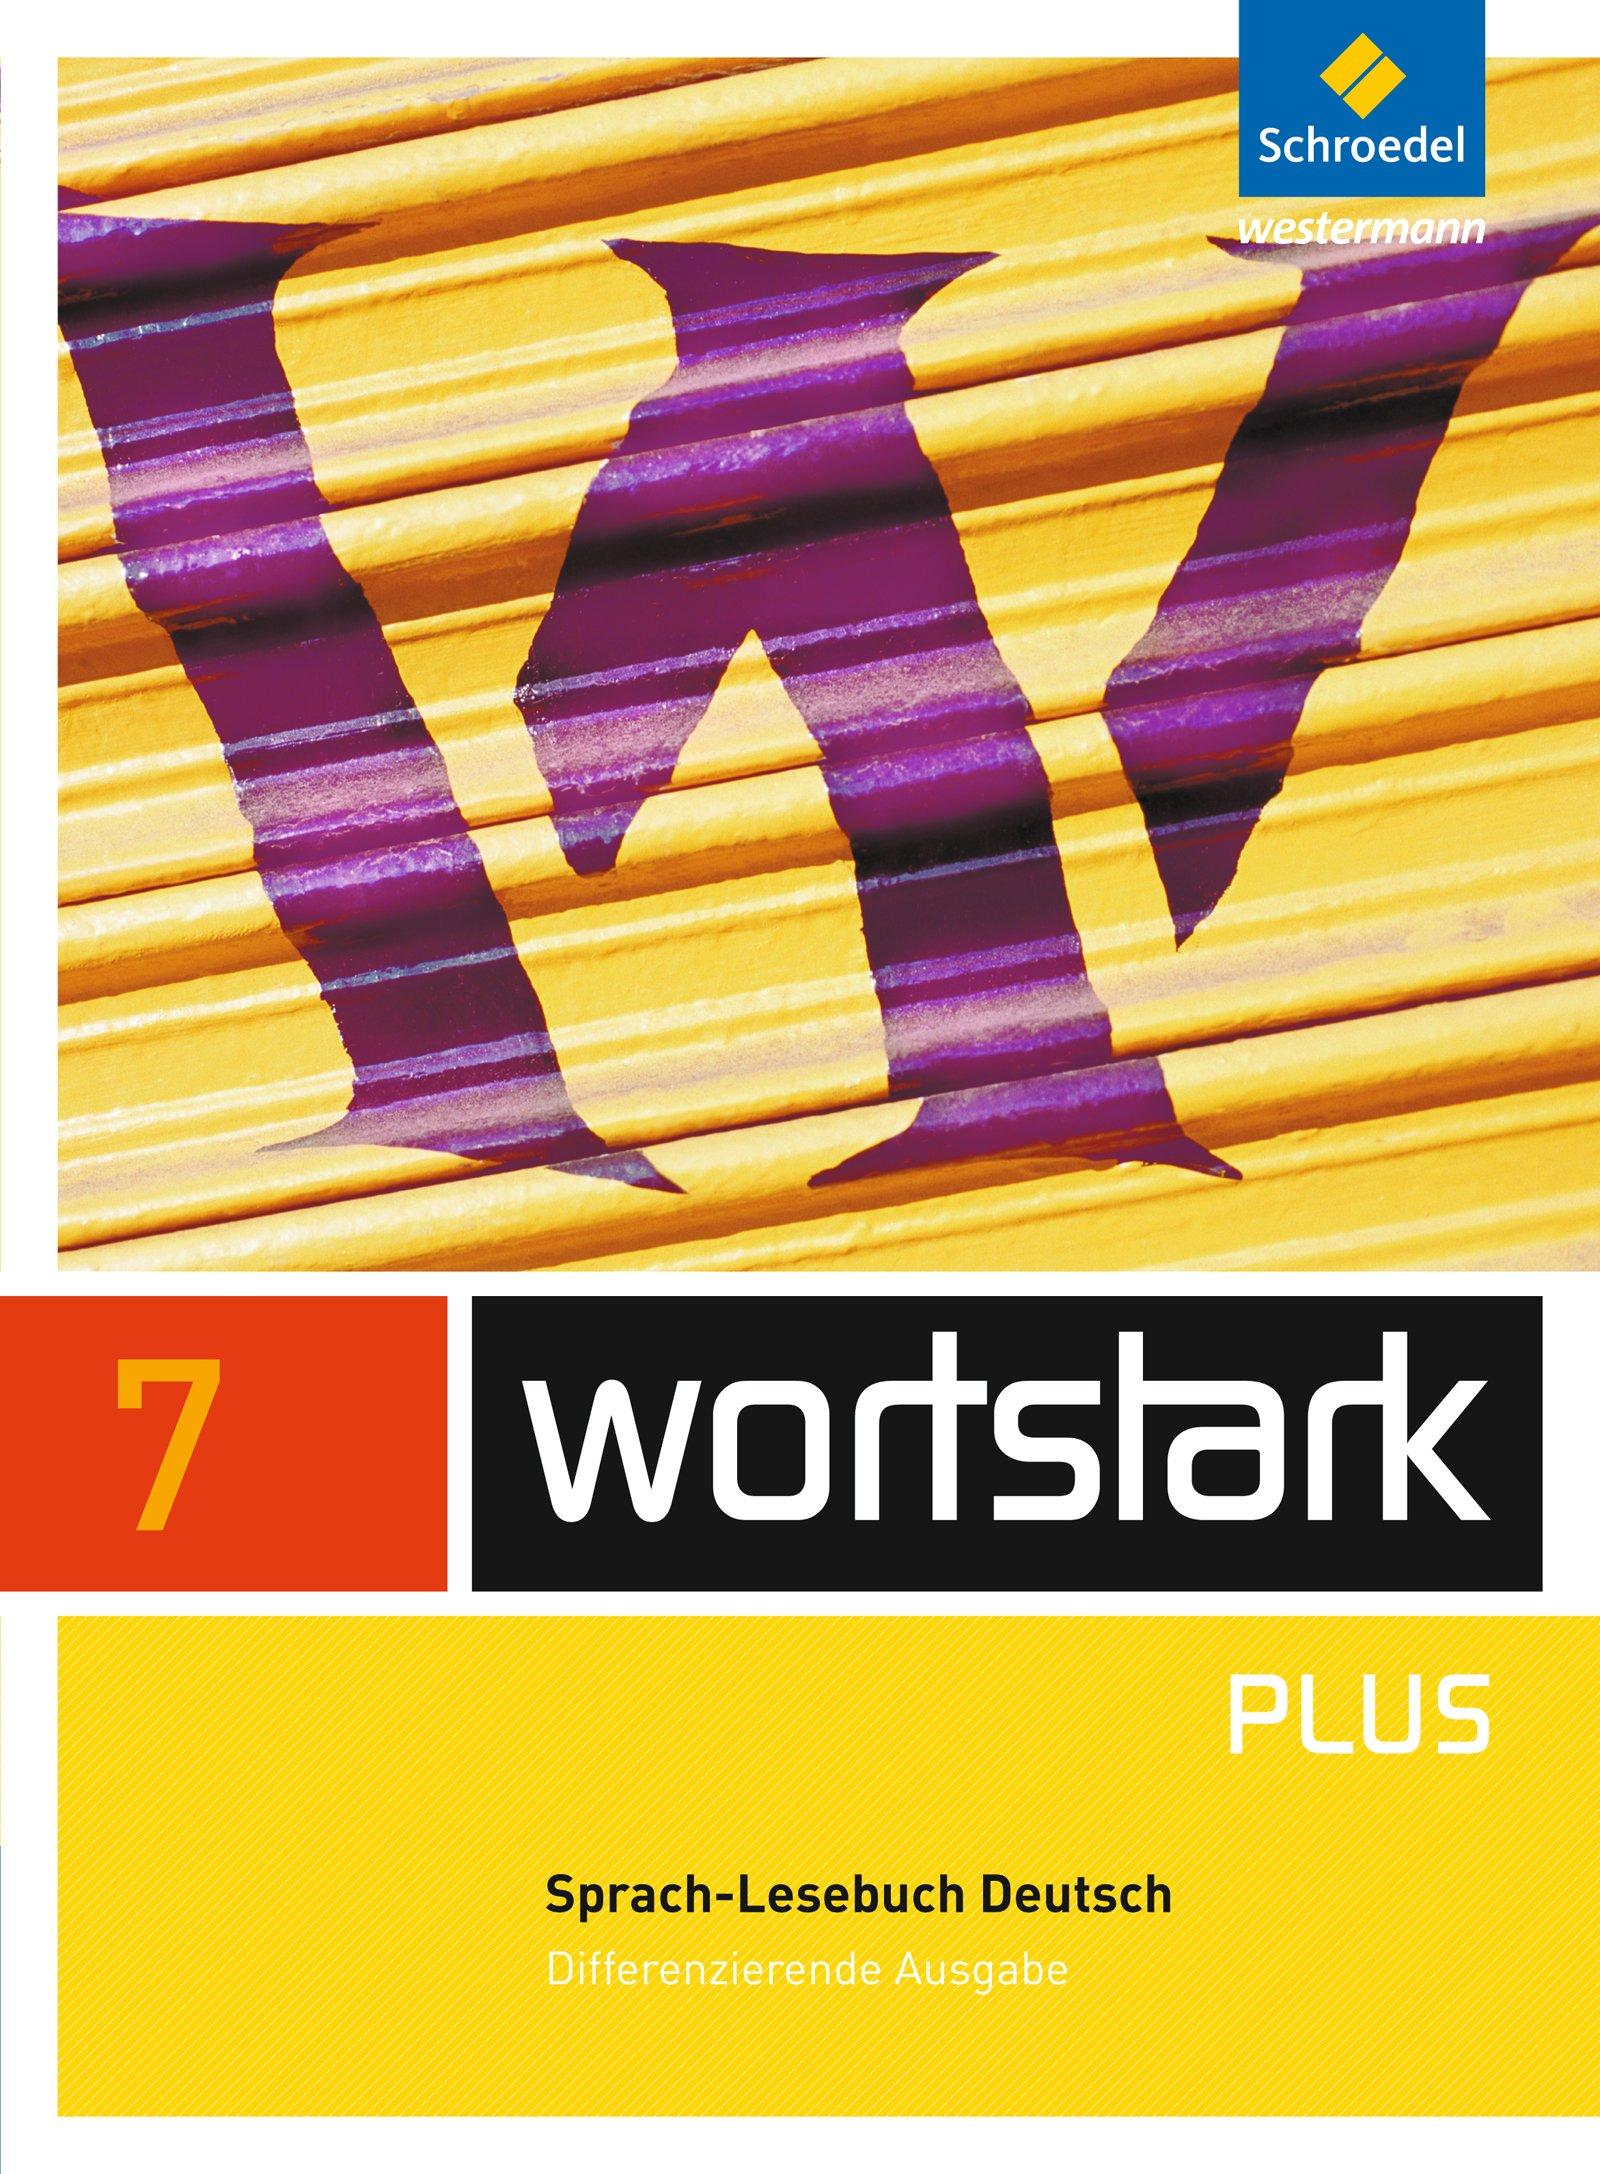 wortstark Plus - Differenzierende Allgemeine Ausgabe 2009: SprachLeseBuch 7